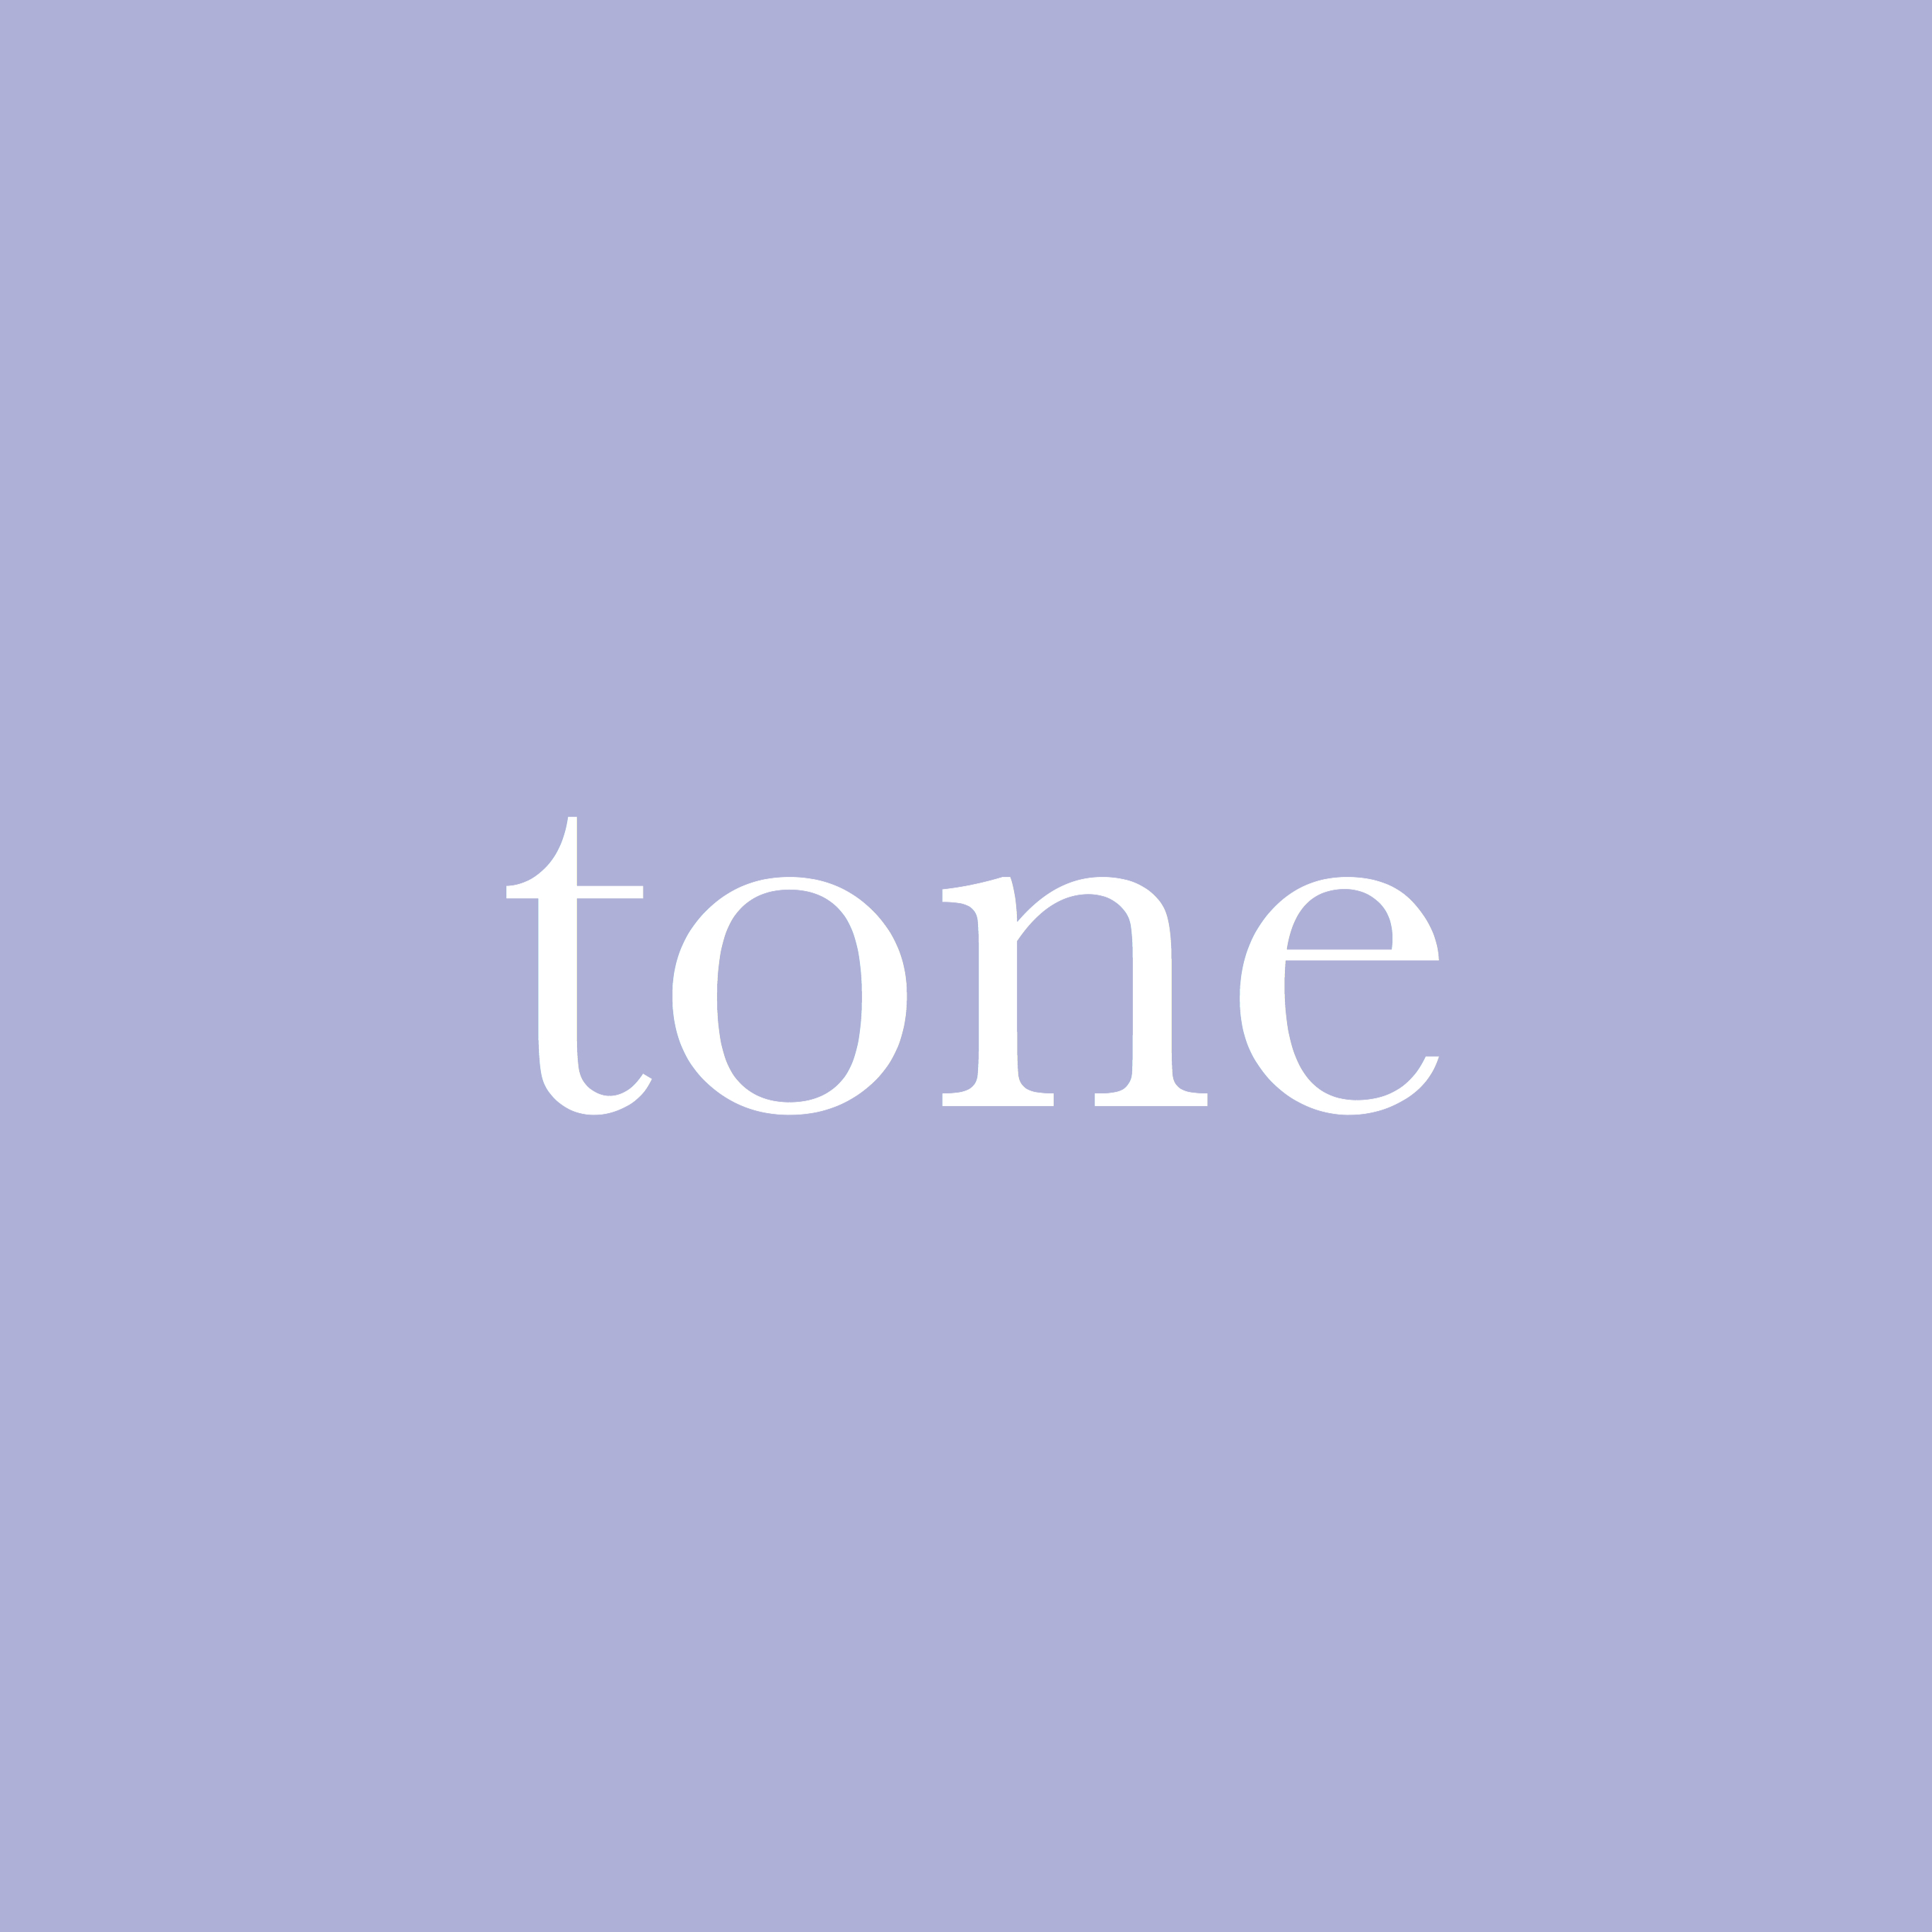 每日一字 : tone